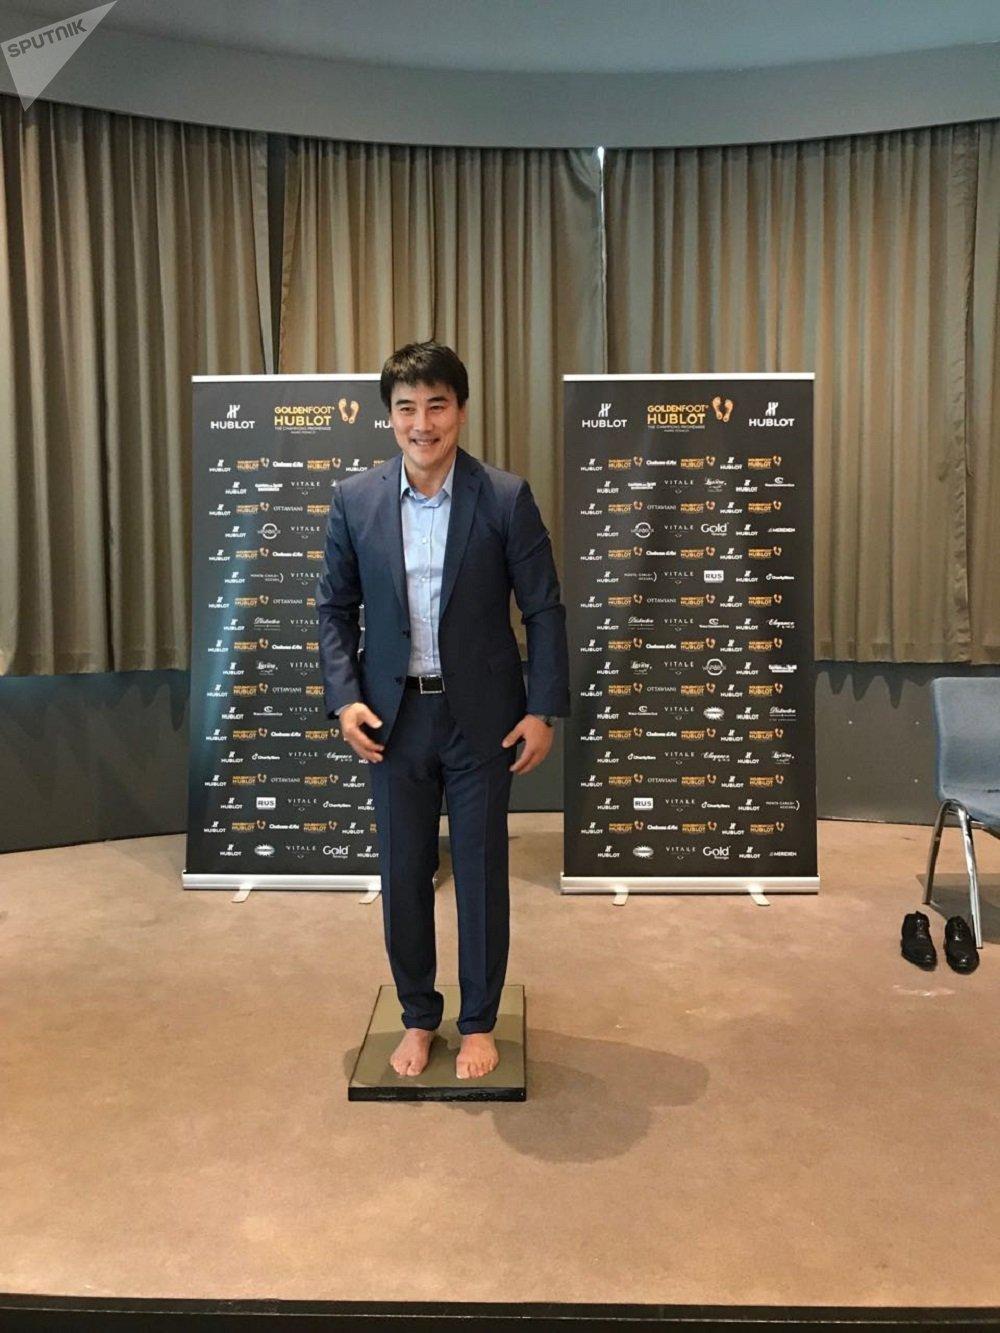 中国前国脚、现任国安总经理李明获颁金足奖传奇奖(Golden Foot)